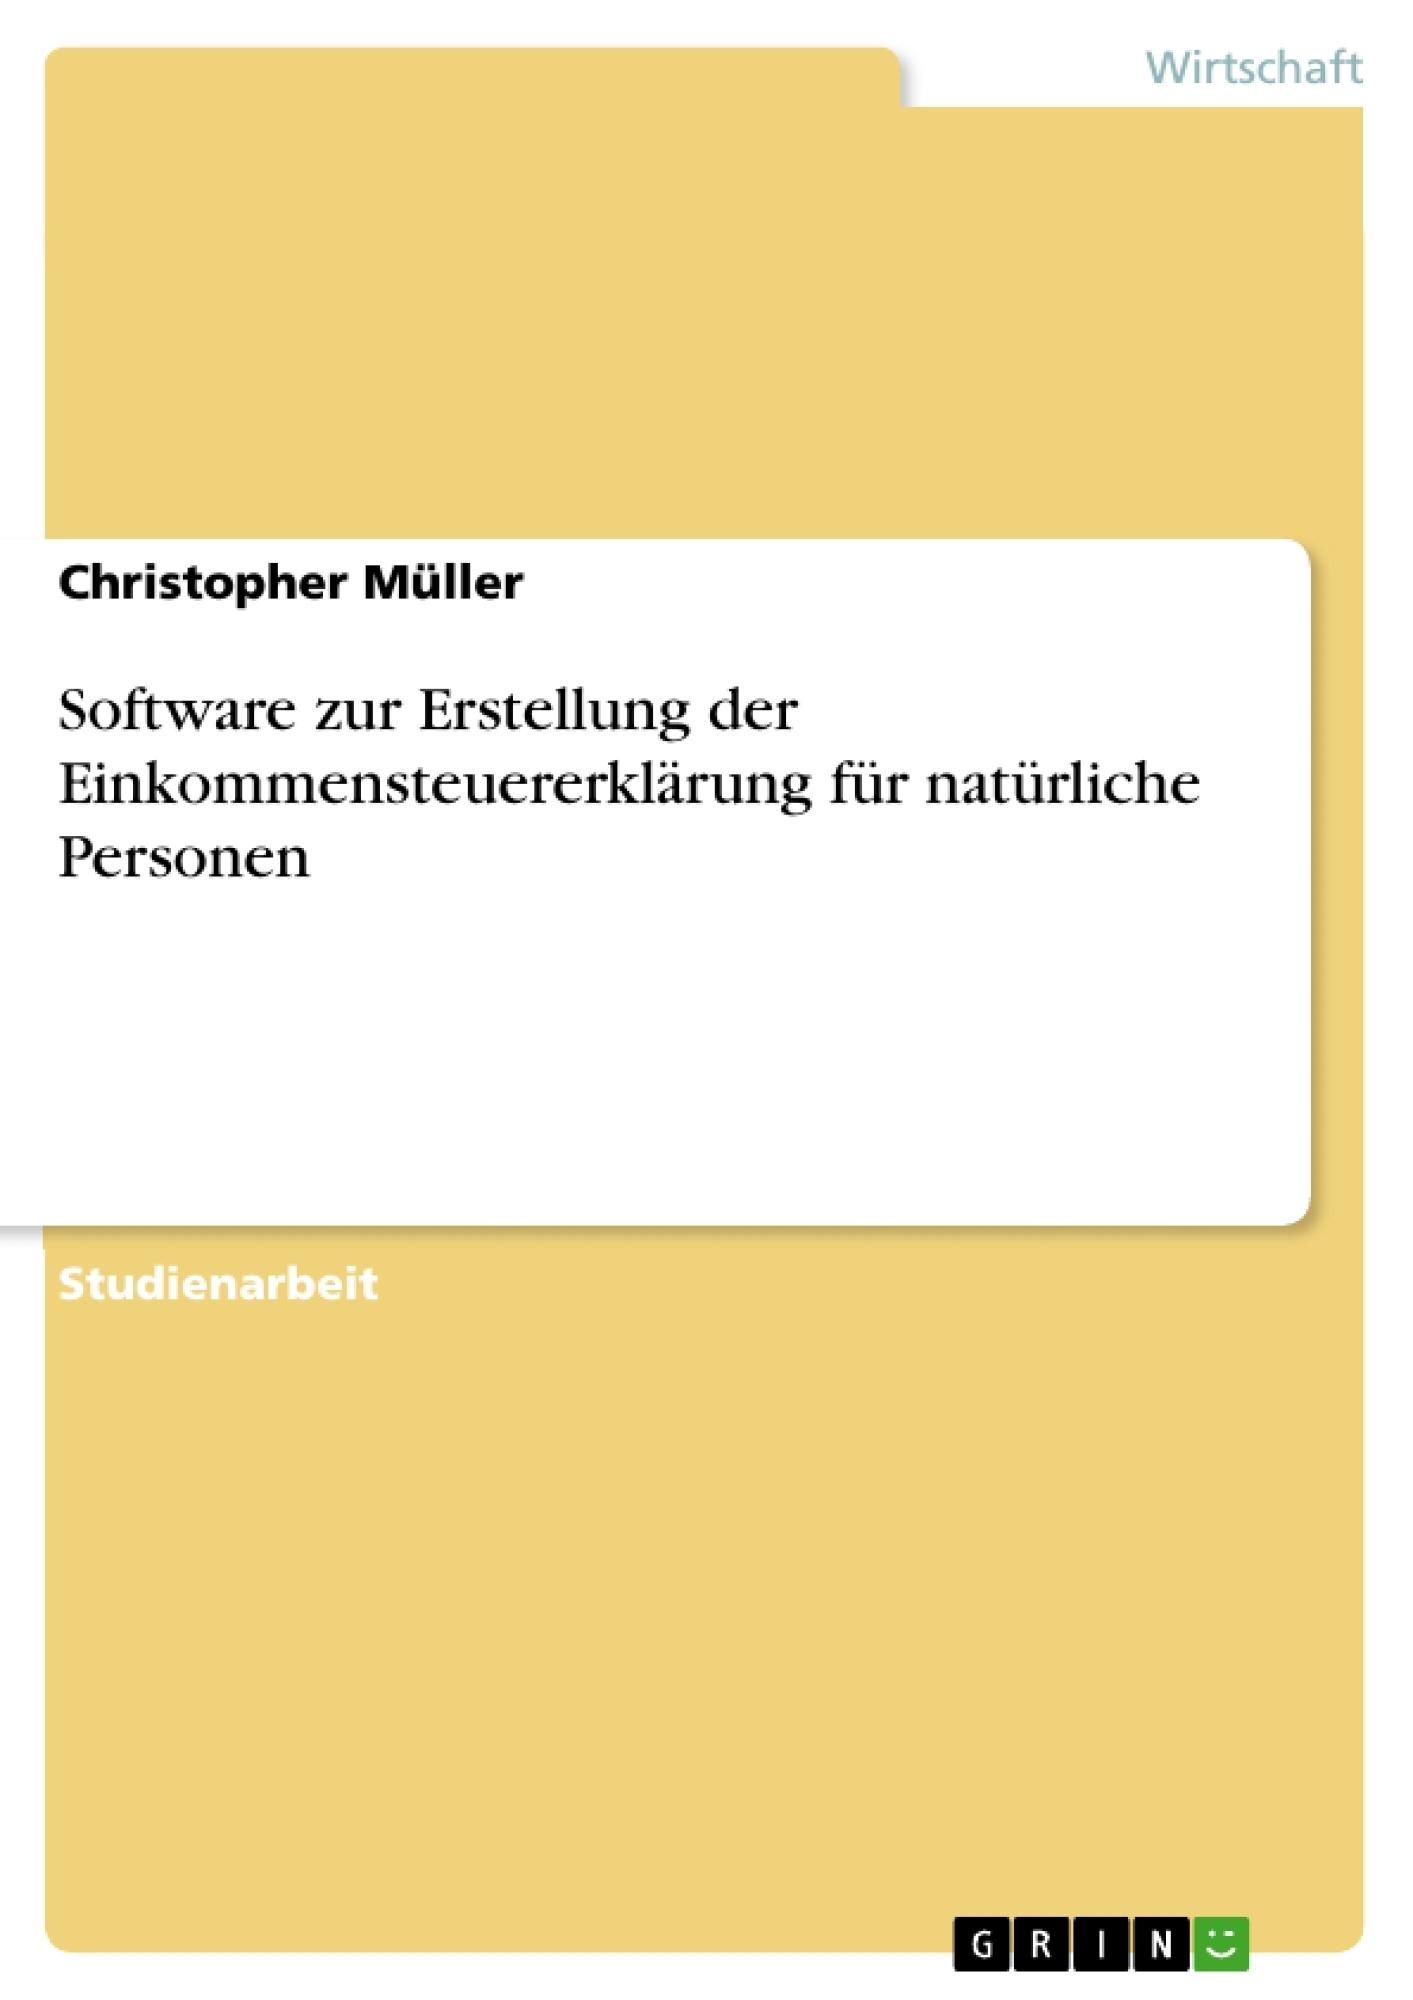 Titel: Software zur Erstellung der Einkommensteuererklärung für natürliche Personen